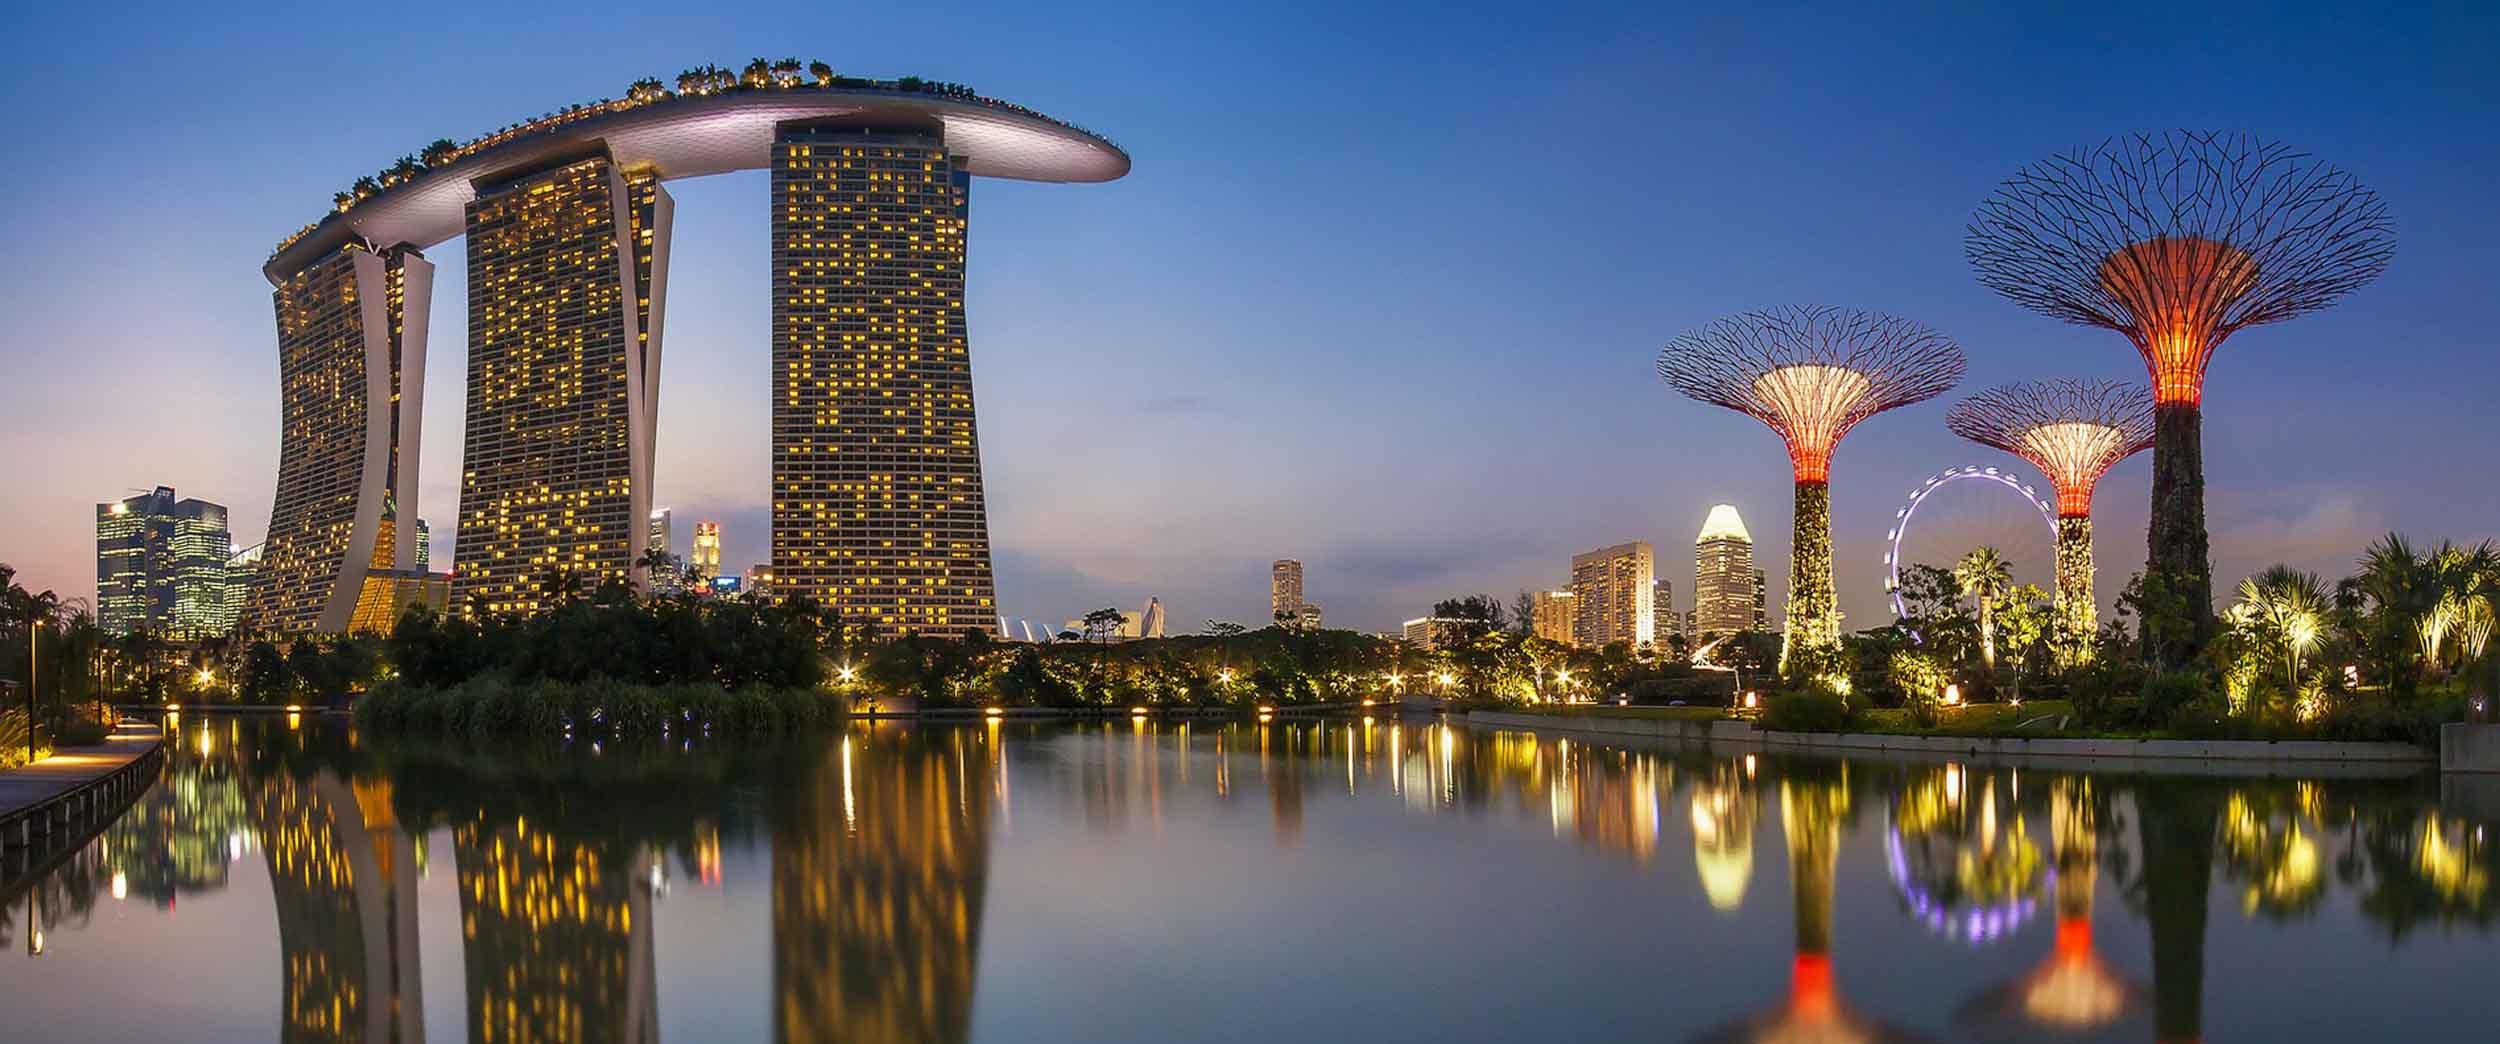 با بهترین جاهای دیدنی سنگاپور آشنا شوید